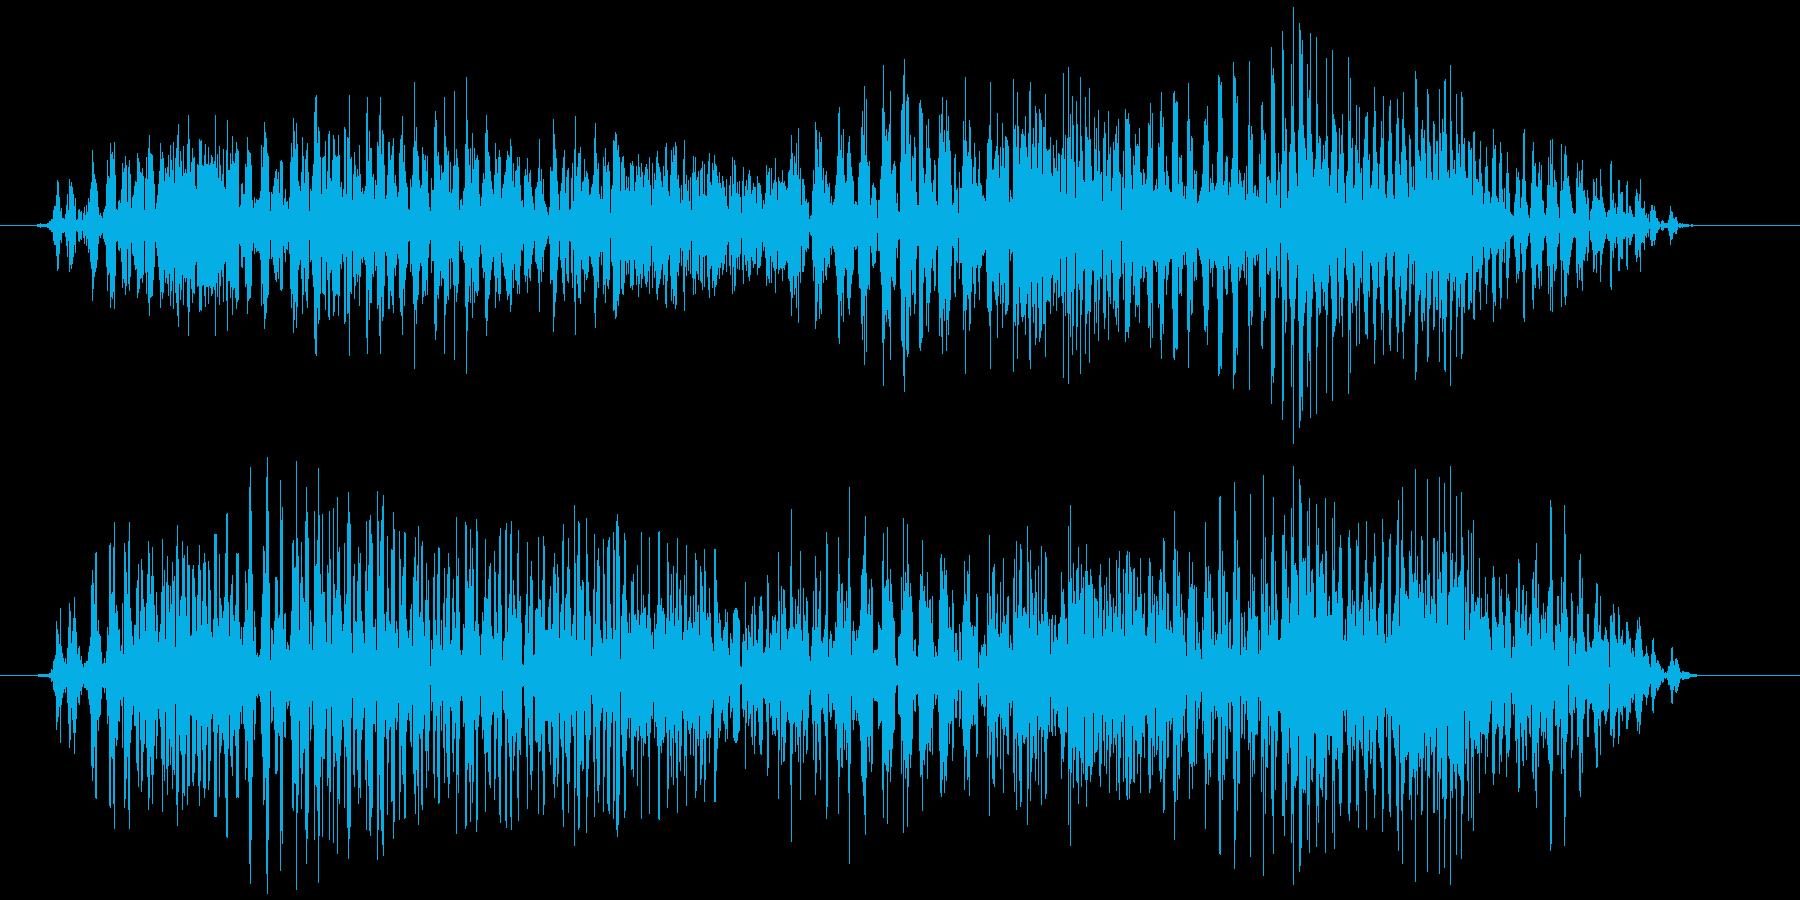 チャック、ジッパー(開閉音) ジィゥゥッの再生済みの波形